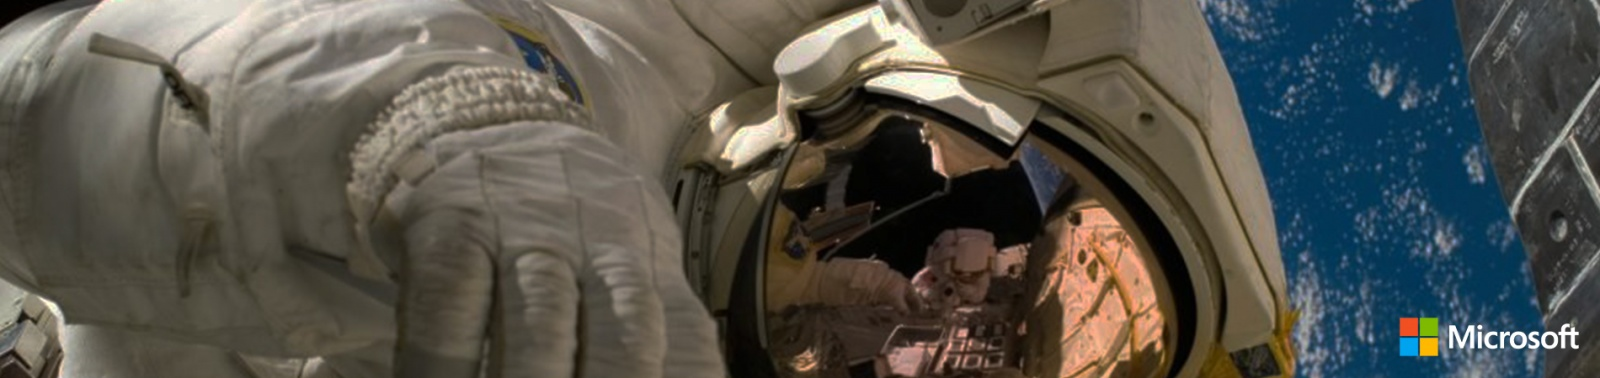 Смешанная реальность помогает находить места для баз на Марсе - 1